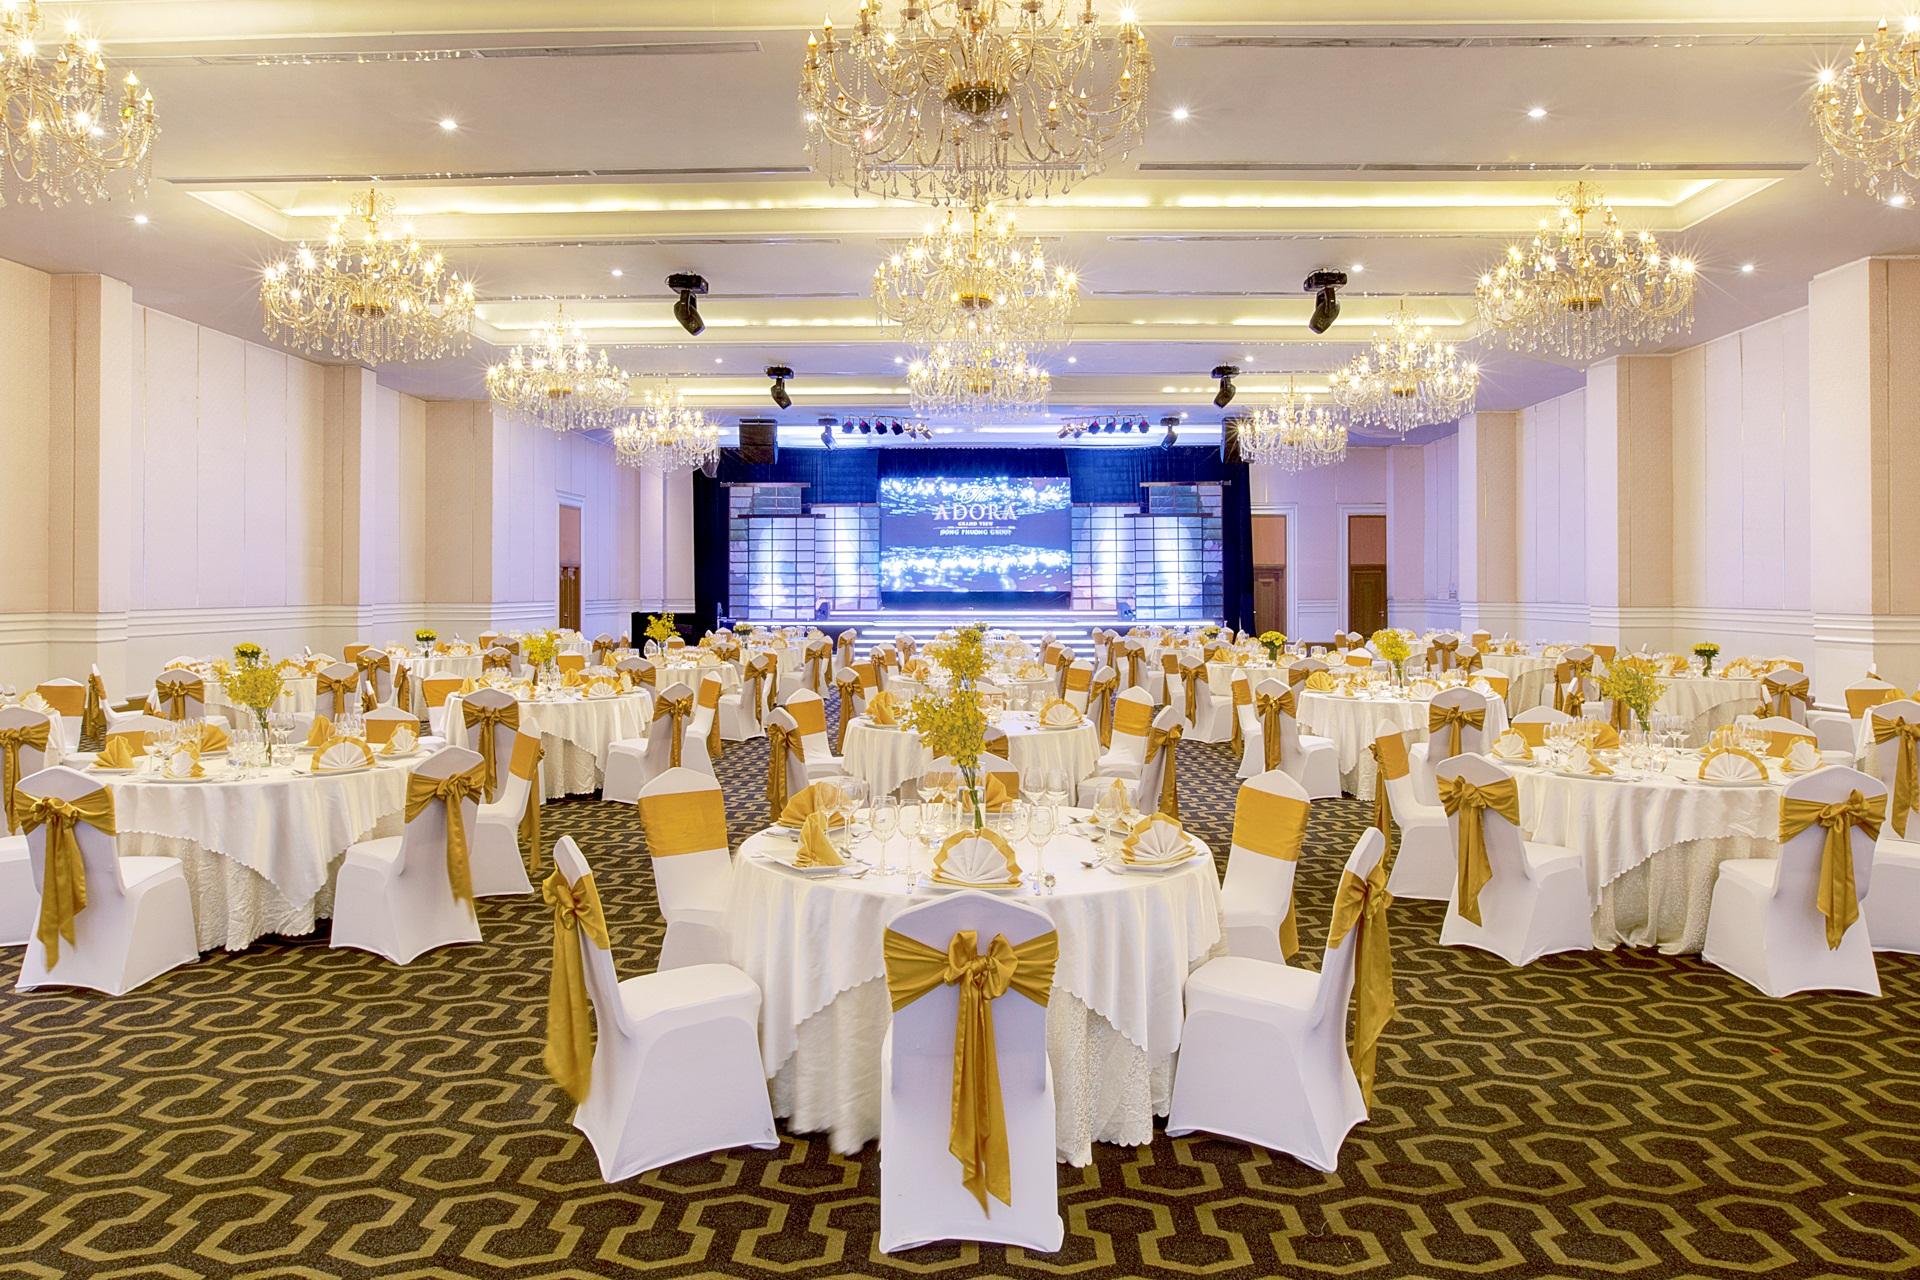 Danang Events - cho thuê bàn ghế sự kiện chất lượng, giá tốt đảm bảo hài lòng